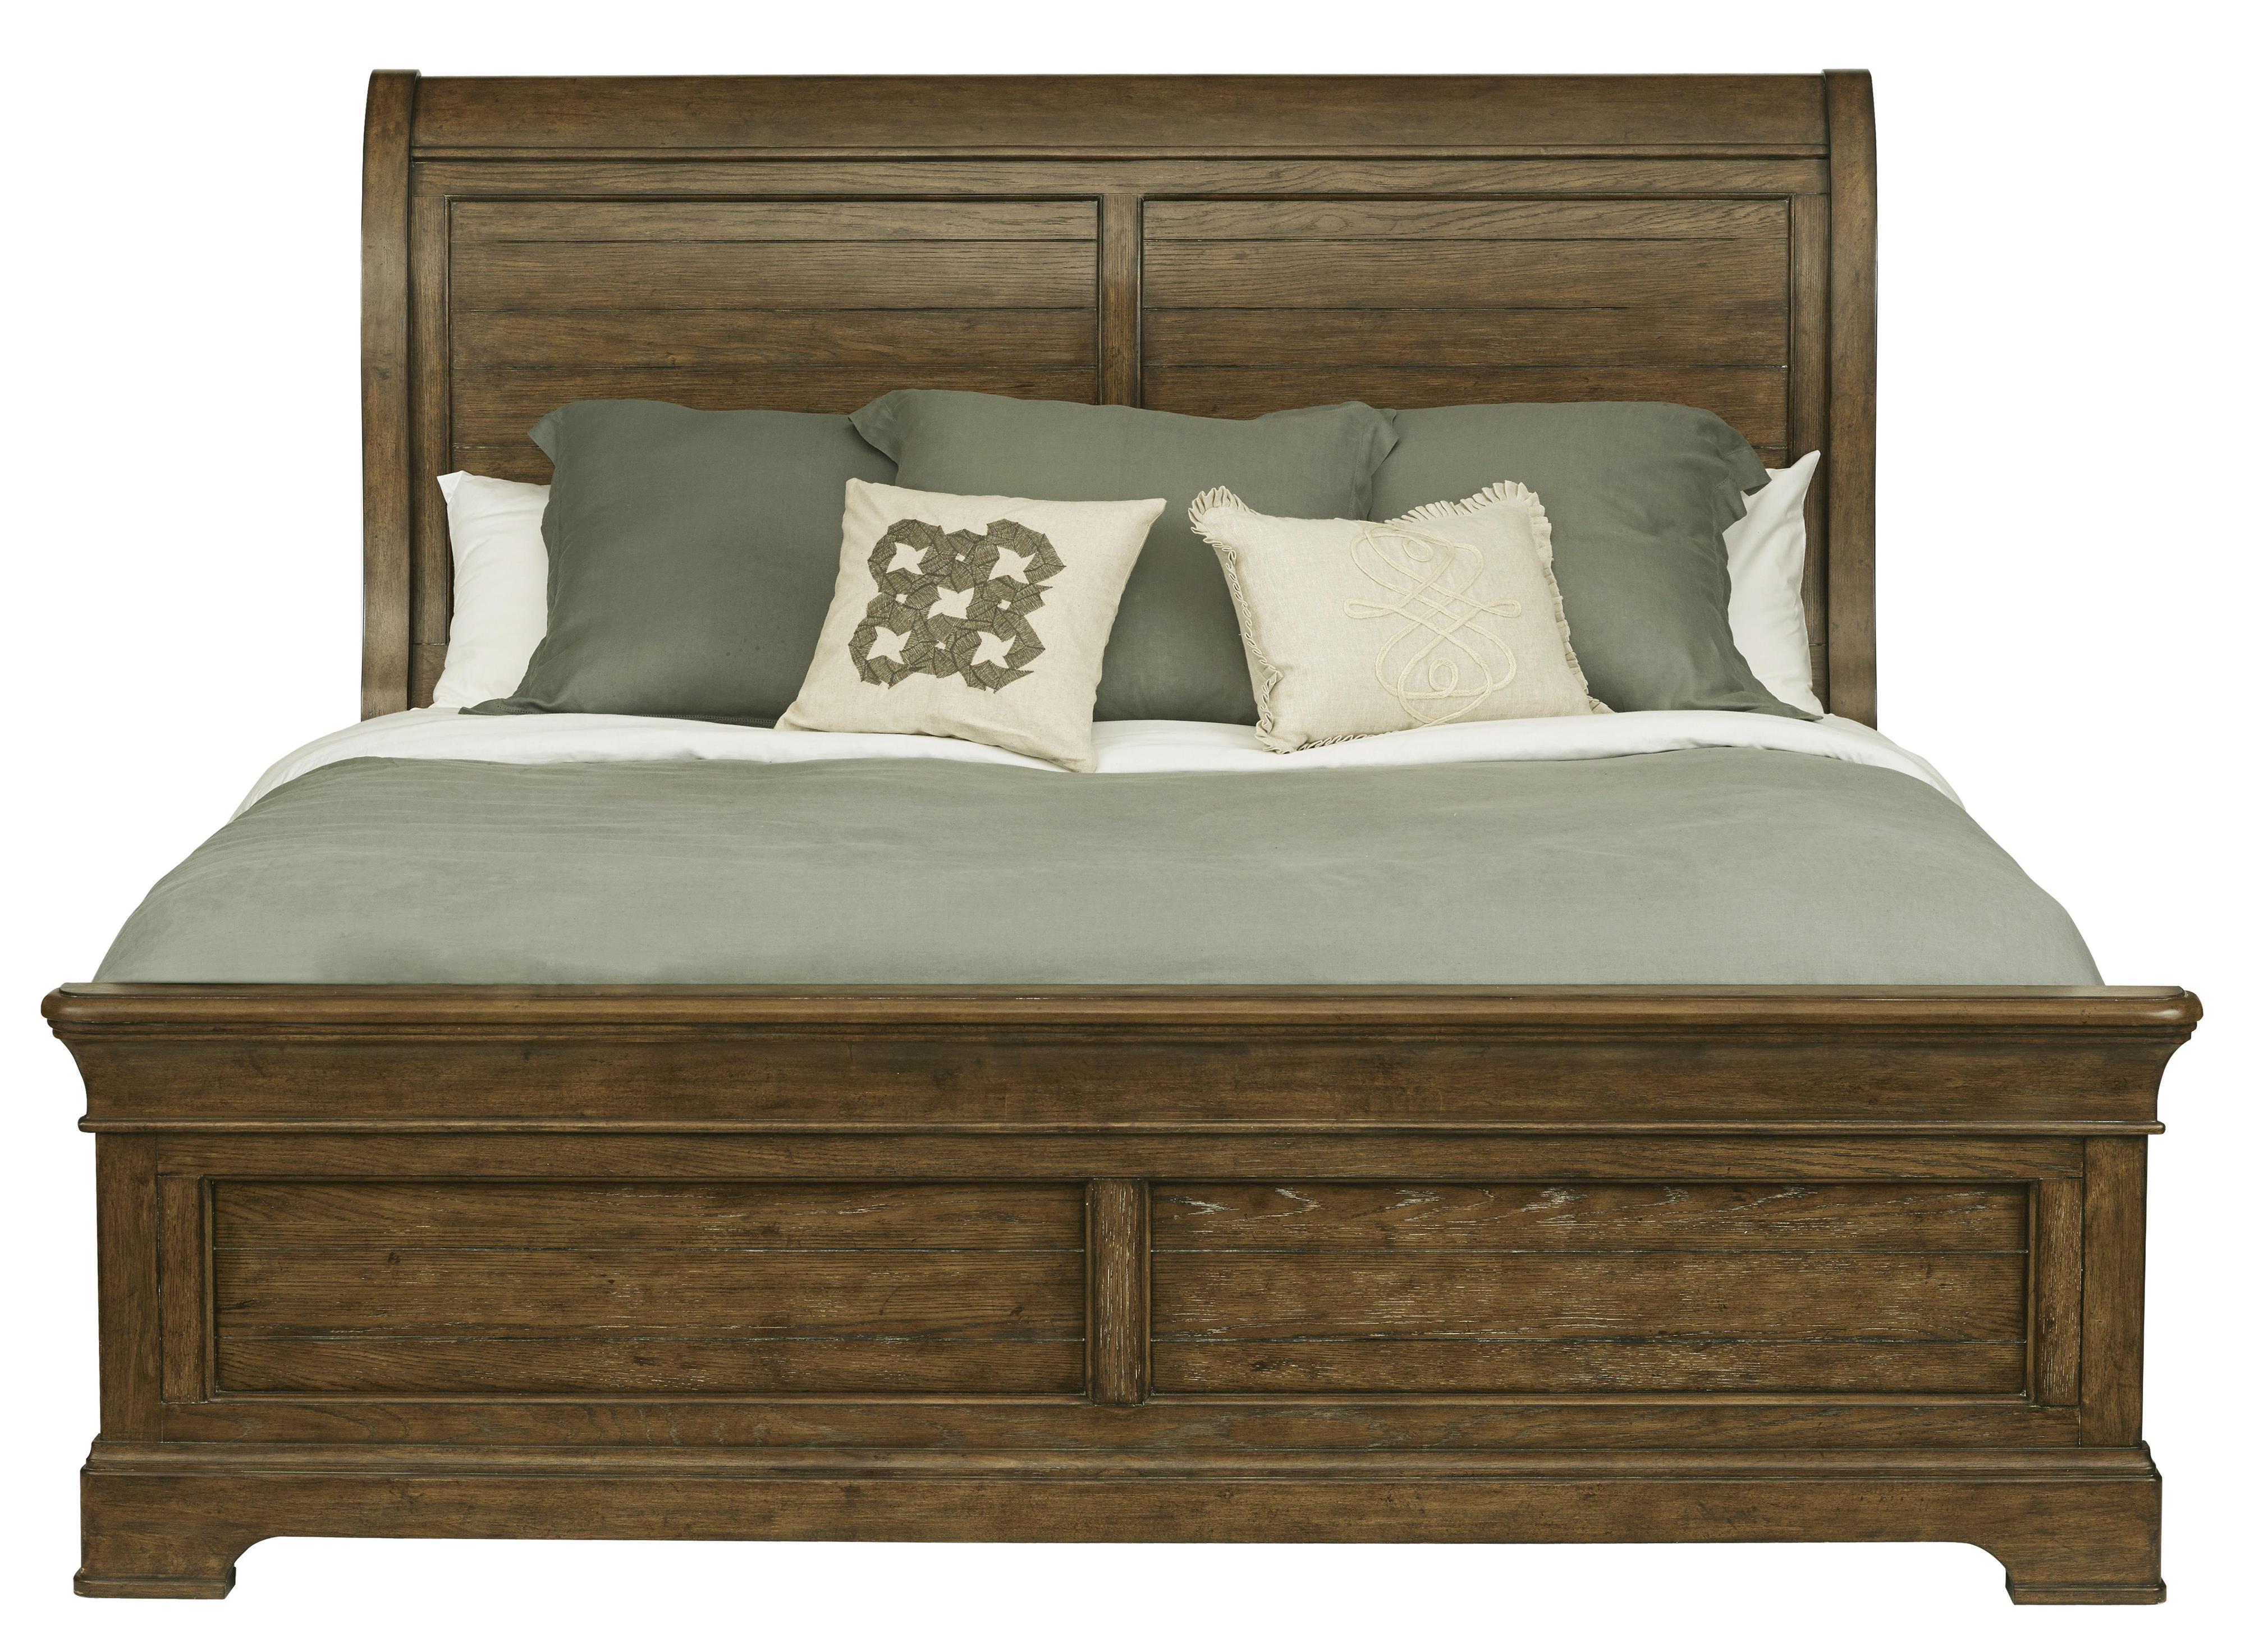 Belfort Select Virginia Mill King Sleigh Bed - Item Number: 8854-272+271+400